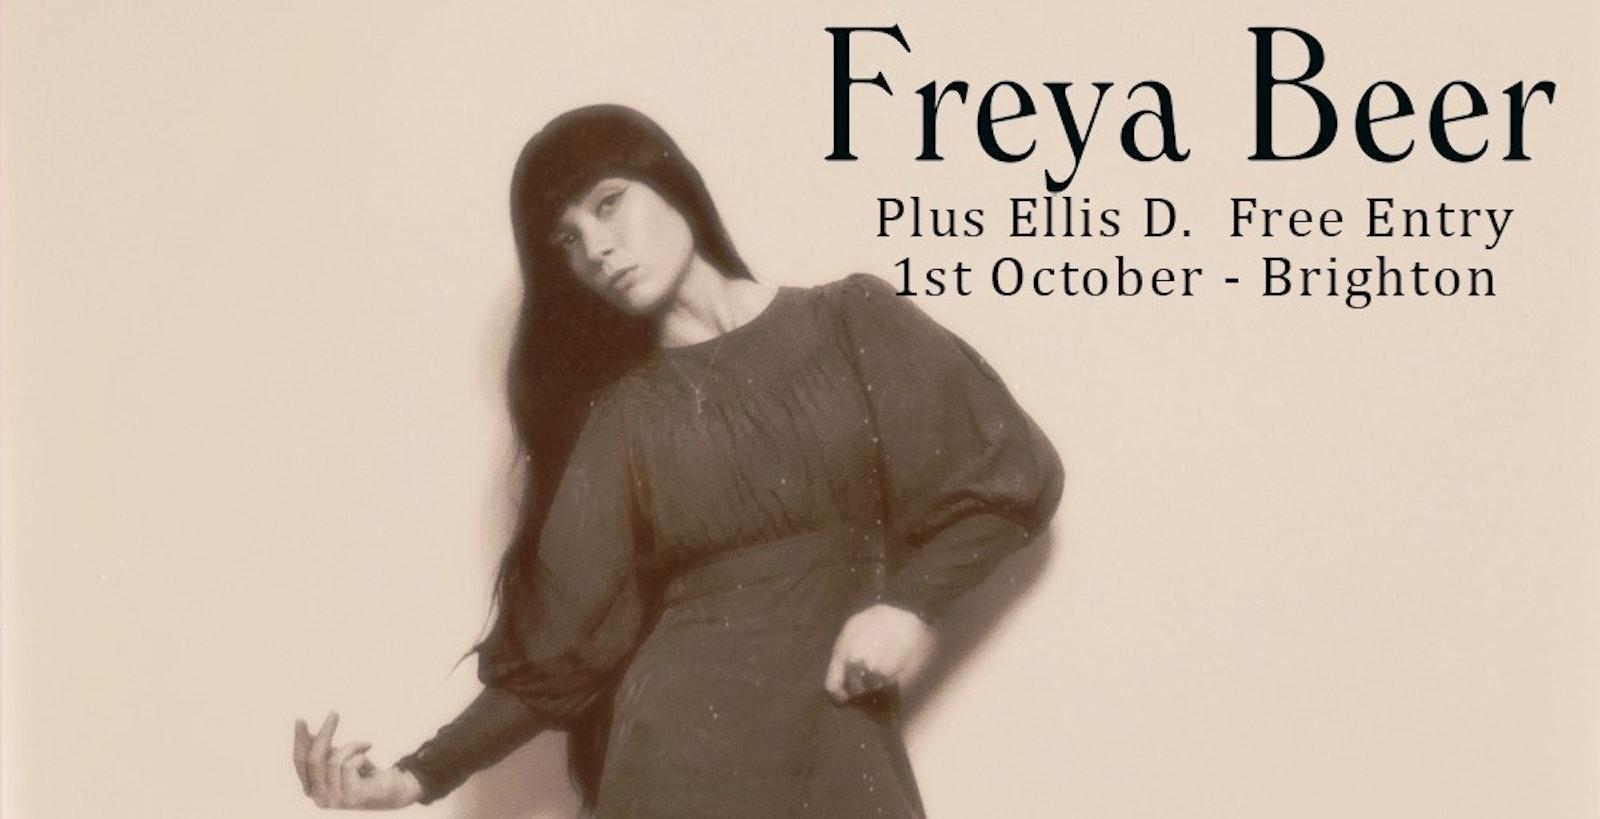 Freya Beer + Ellis D (Free Entry)